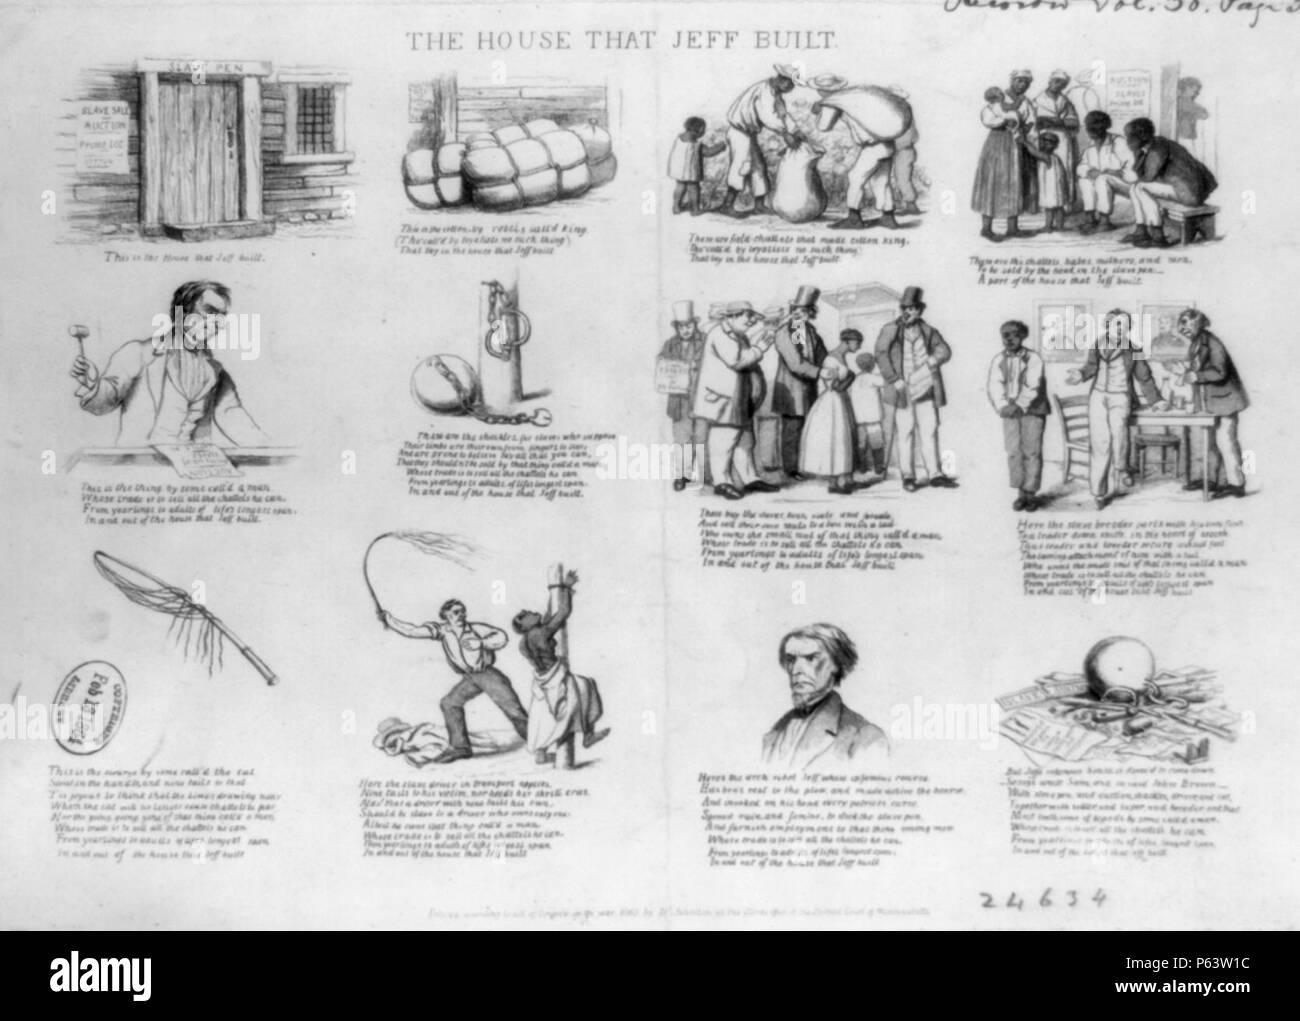 1863 HouseThatJeffBuilt byDClaypooleJohnston LibraryOfCongress. - Stock Image